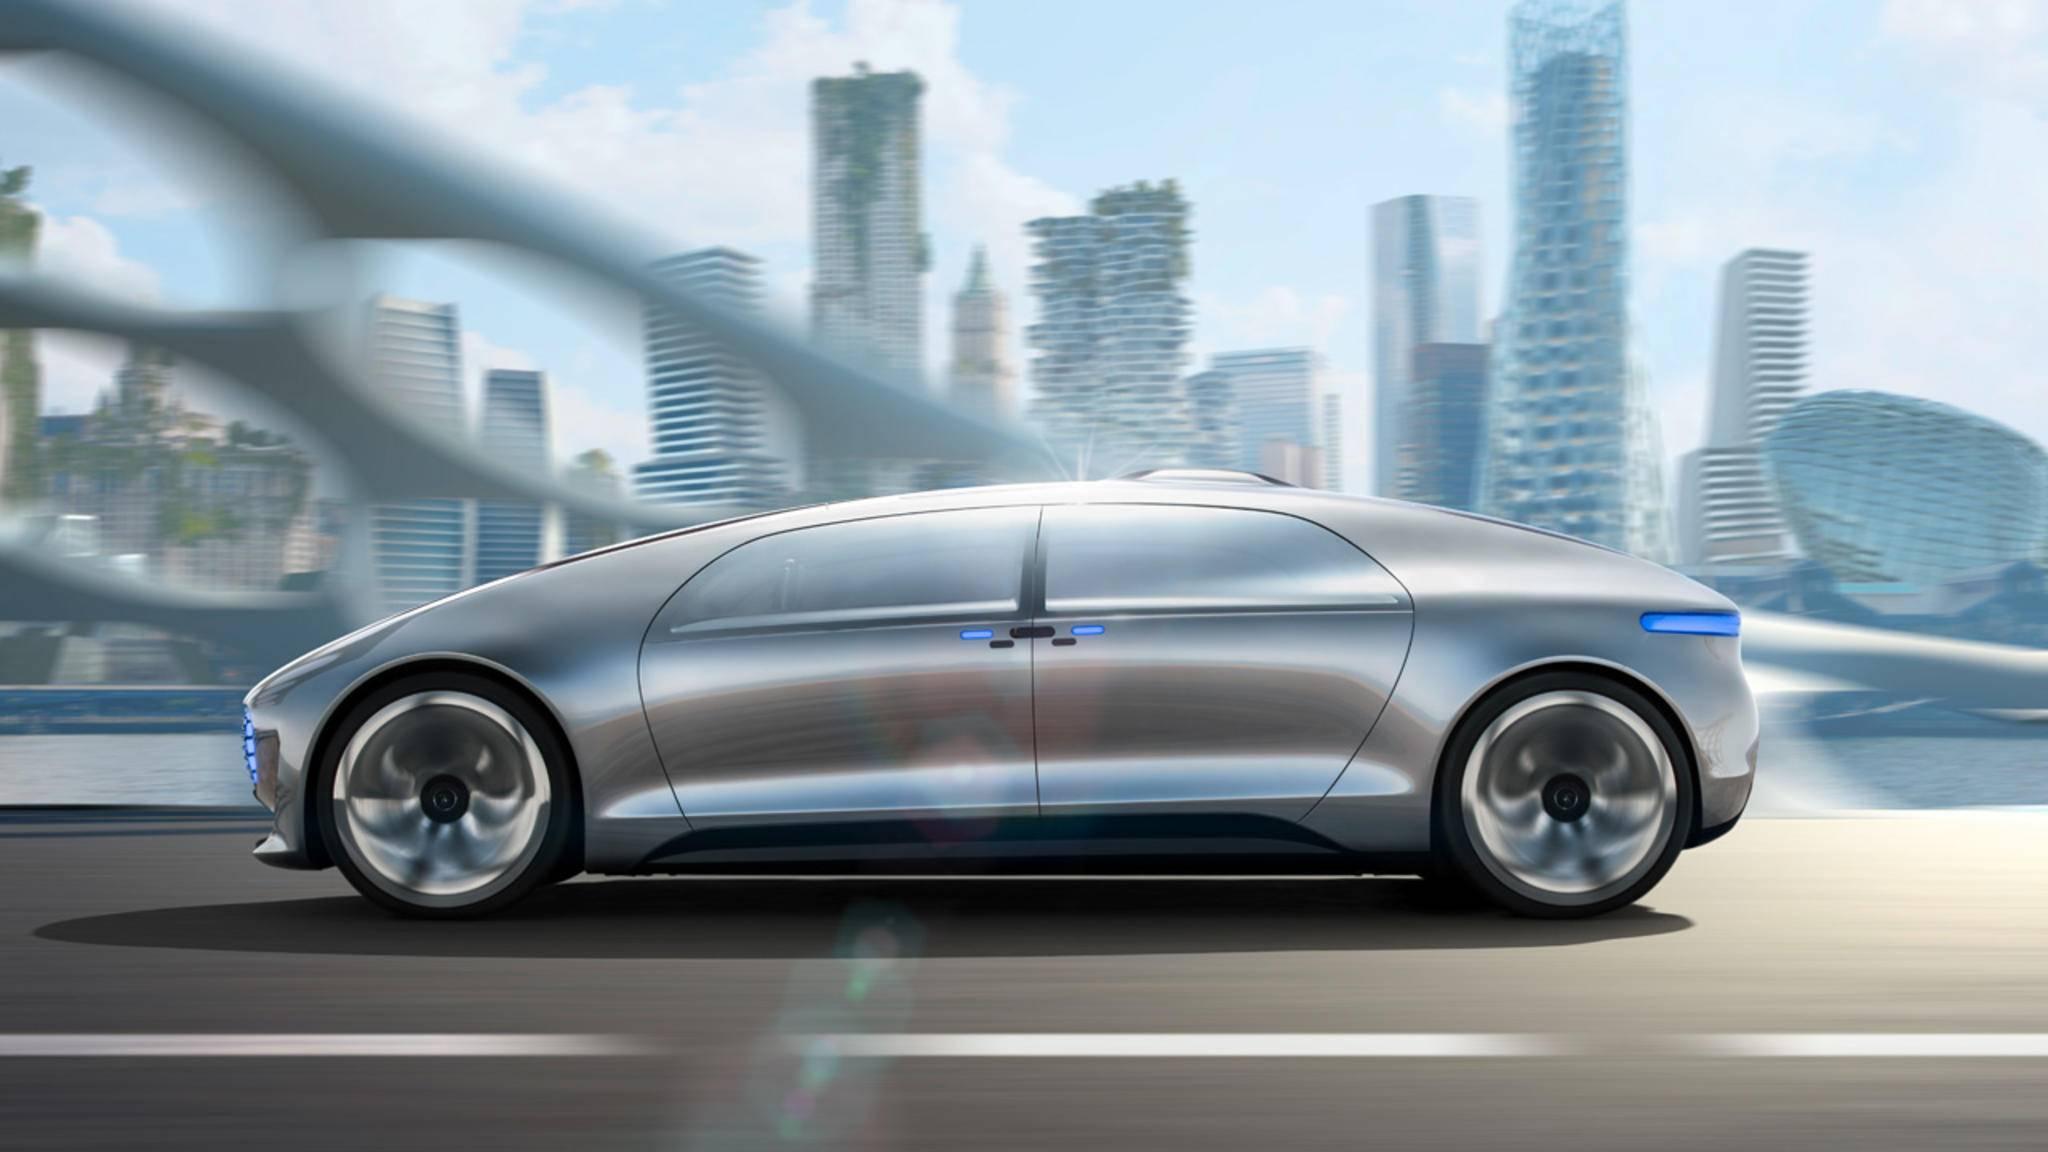 """Mit der Fahrzeugstudie F 015 """"Luxury in Motion"""" zeigte Mercedes 2015, dass auch sie das Thema autonomes Fahren ernstnehmen."""